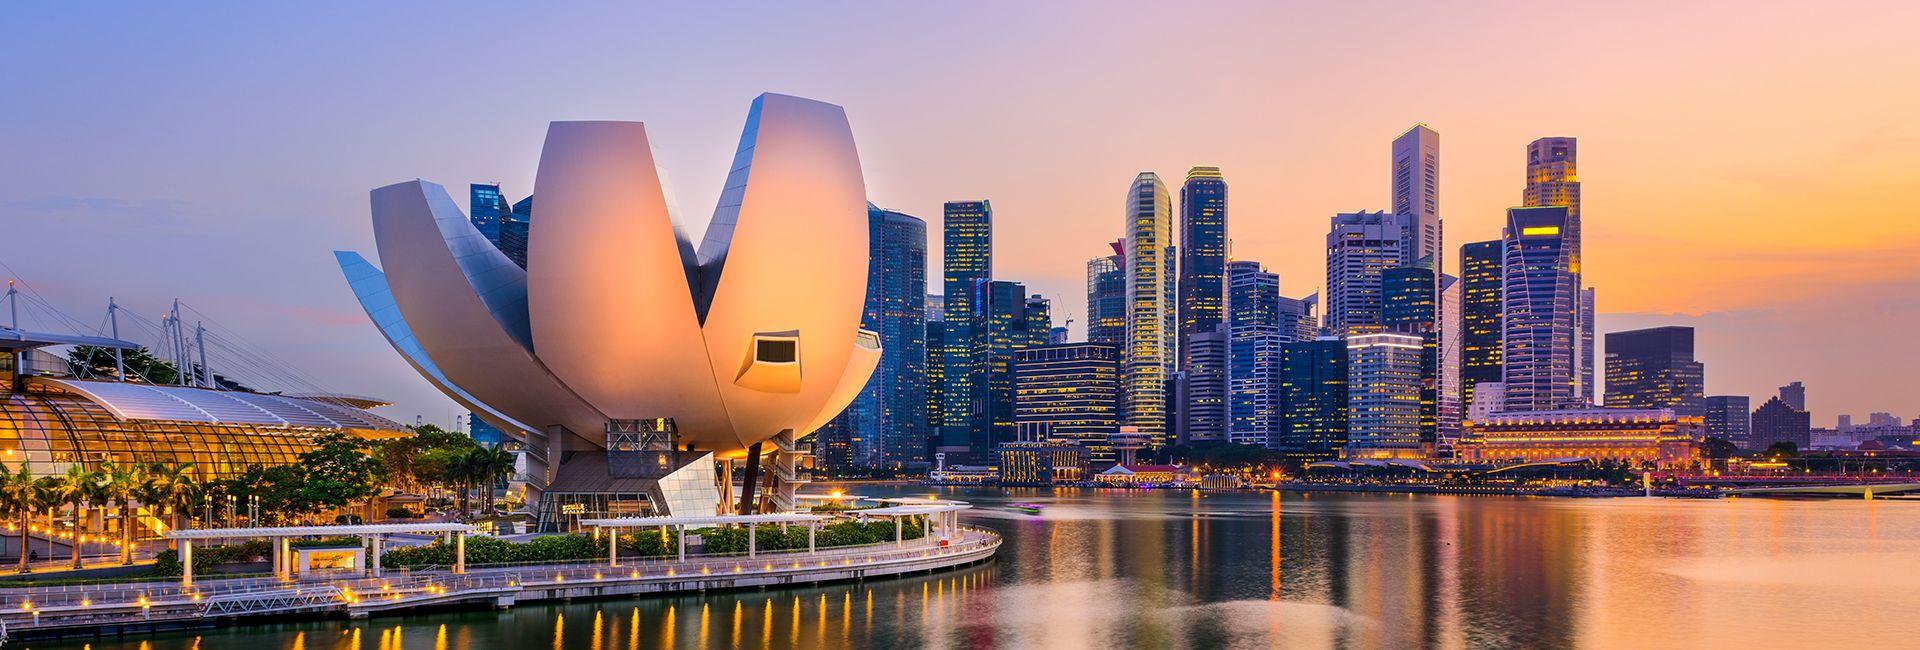 Hướng dẫn du lịch Singapore 2 ngày 1 đêm tự túc